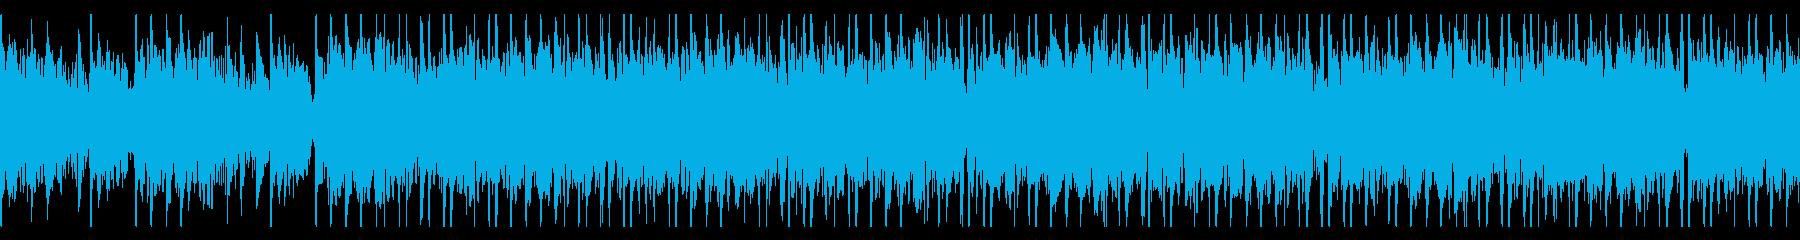 和風/和太鼓/重厚/ループの再生済みの波形